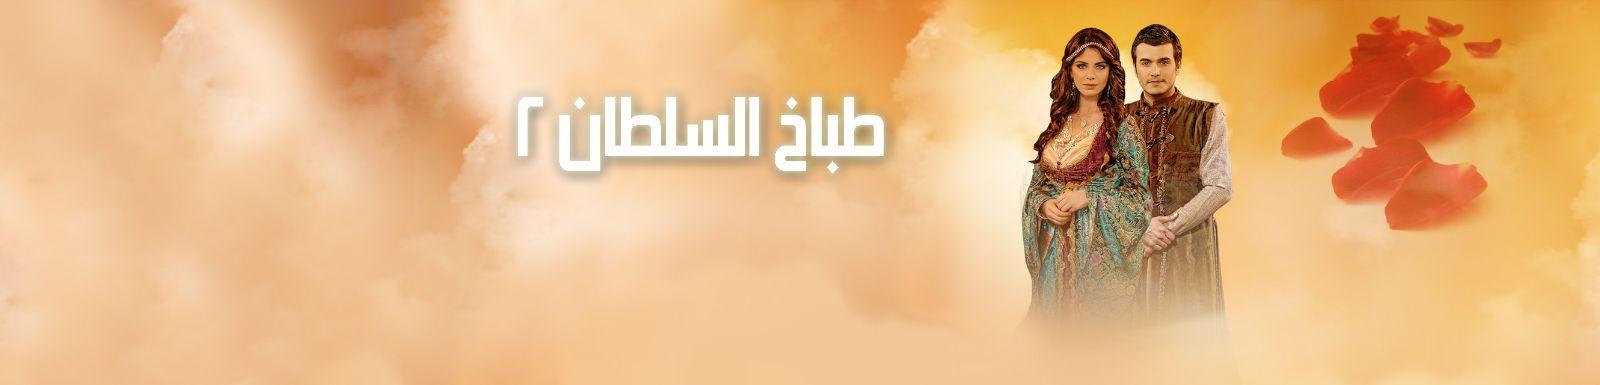 مشاهدة وتحميل مسلسل طباخ السلطان ج2 الحلقة 2 الثانية كاملة 2014